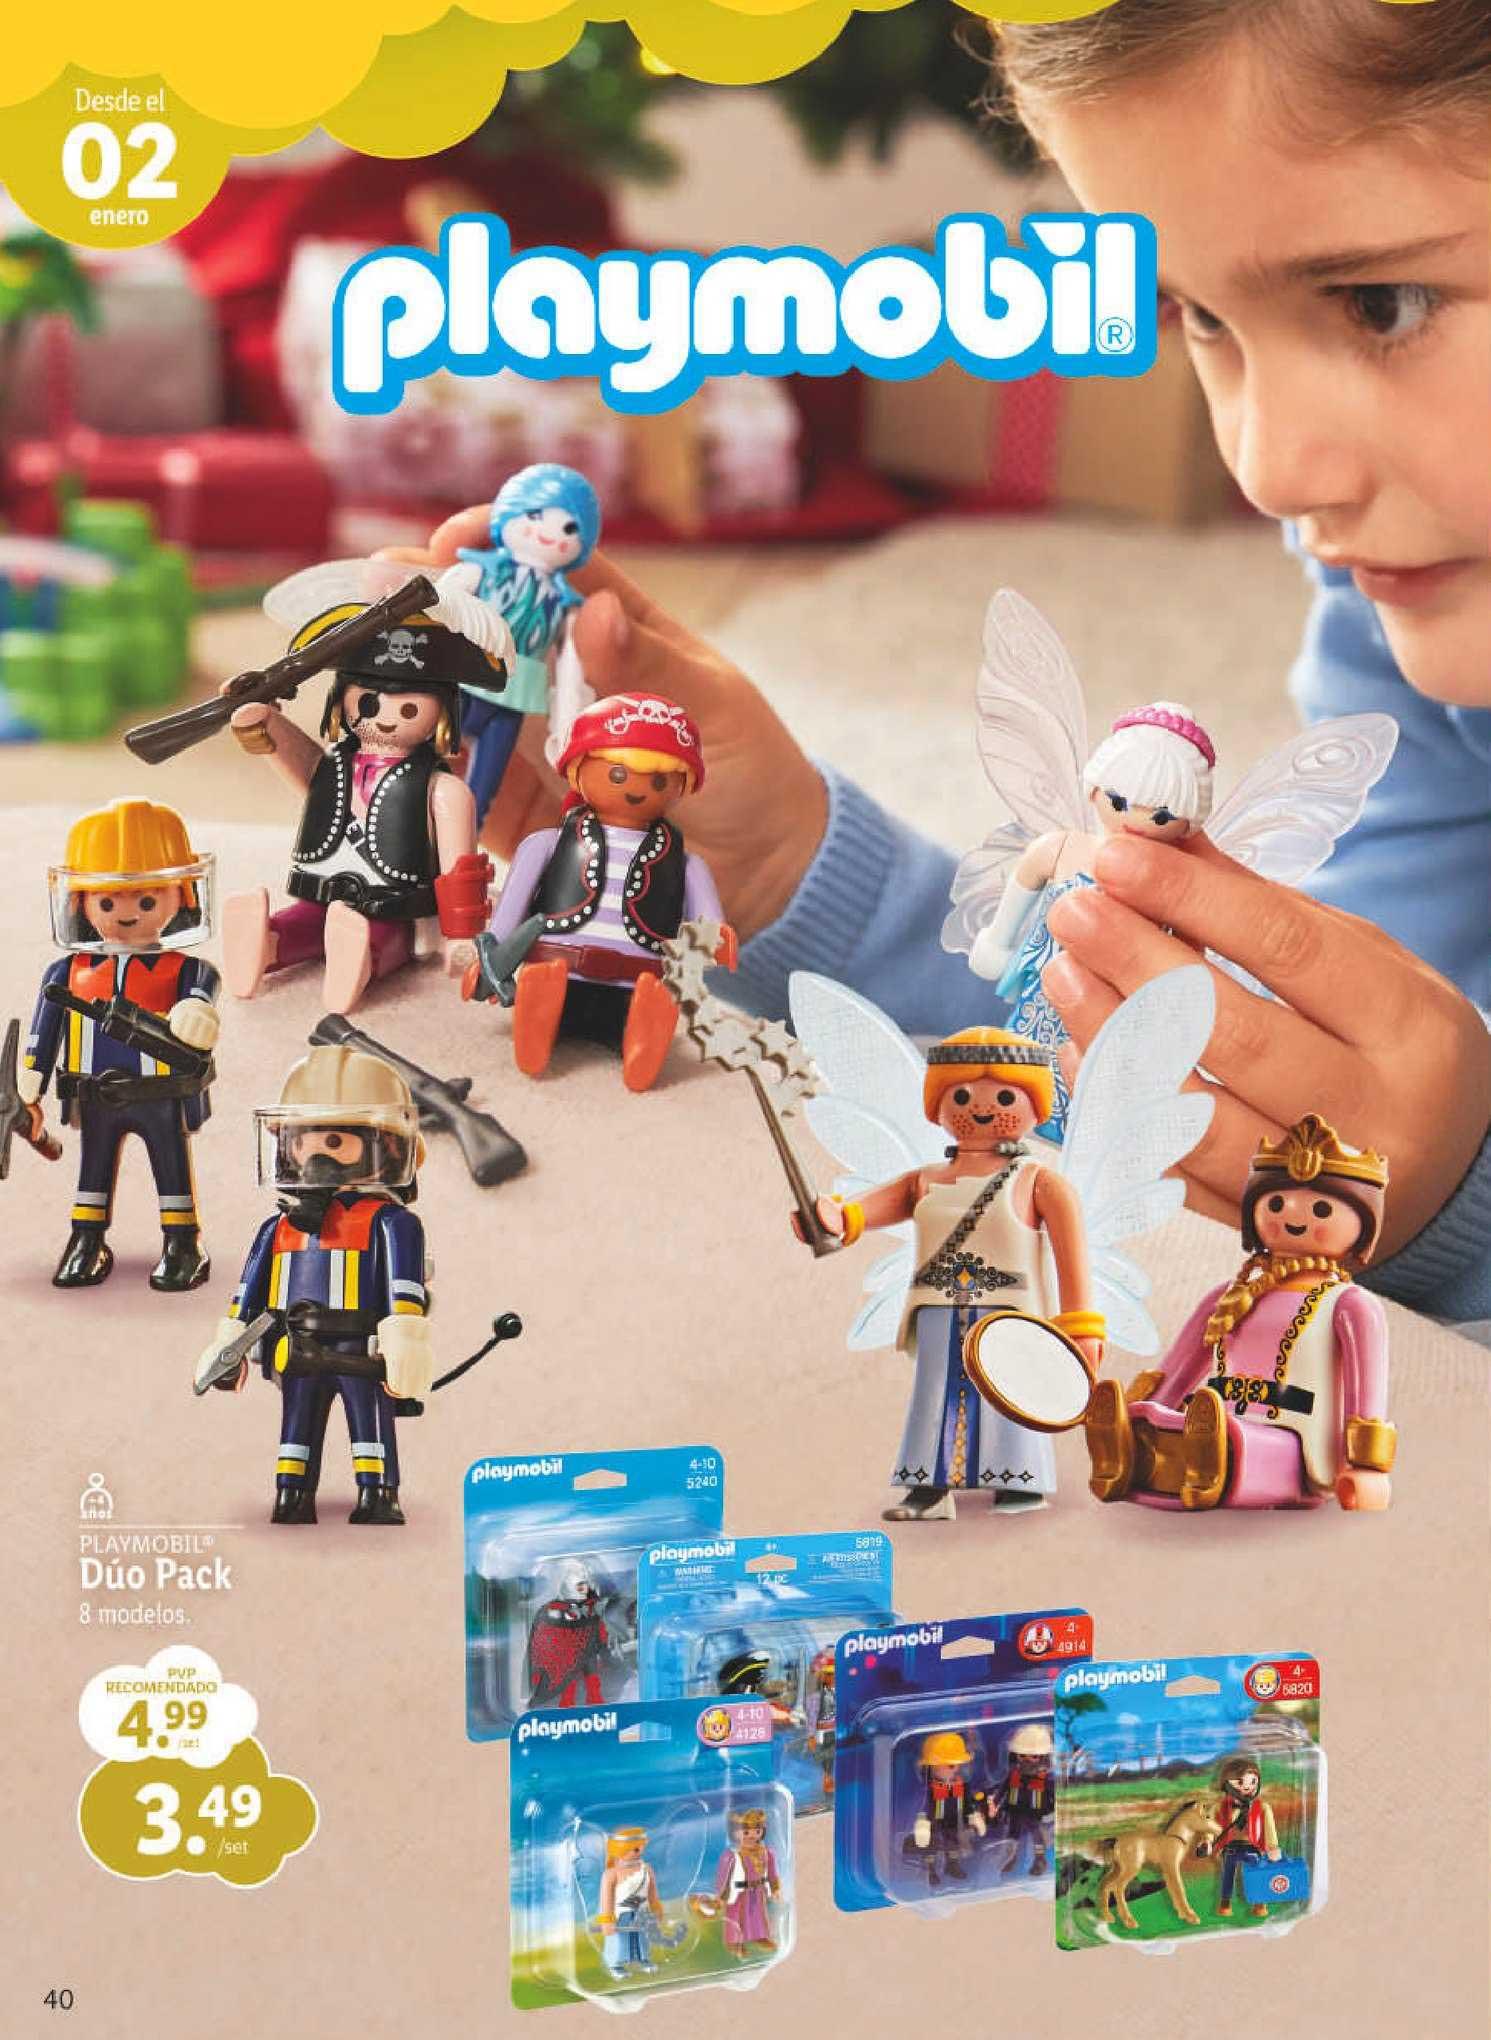 LIDL Playmobil Dúo Pack